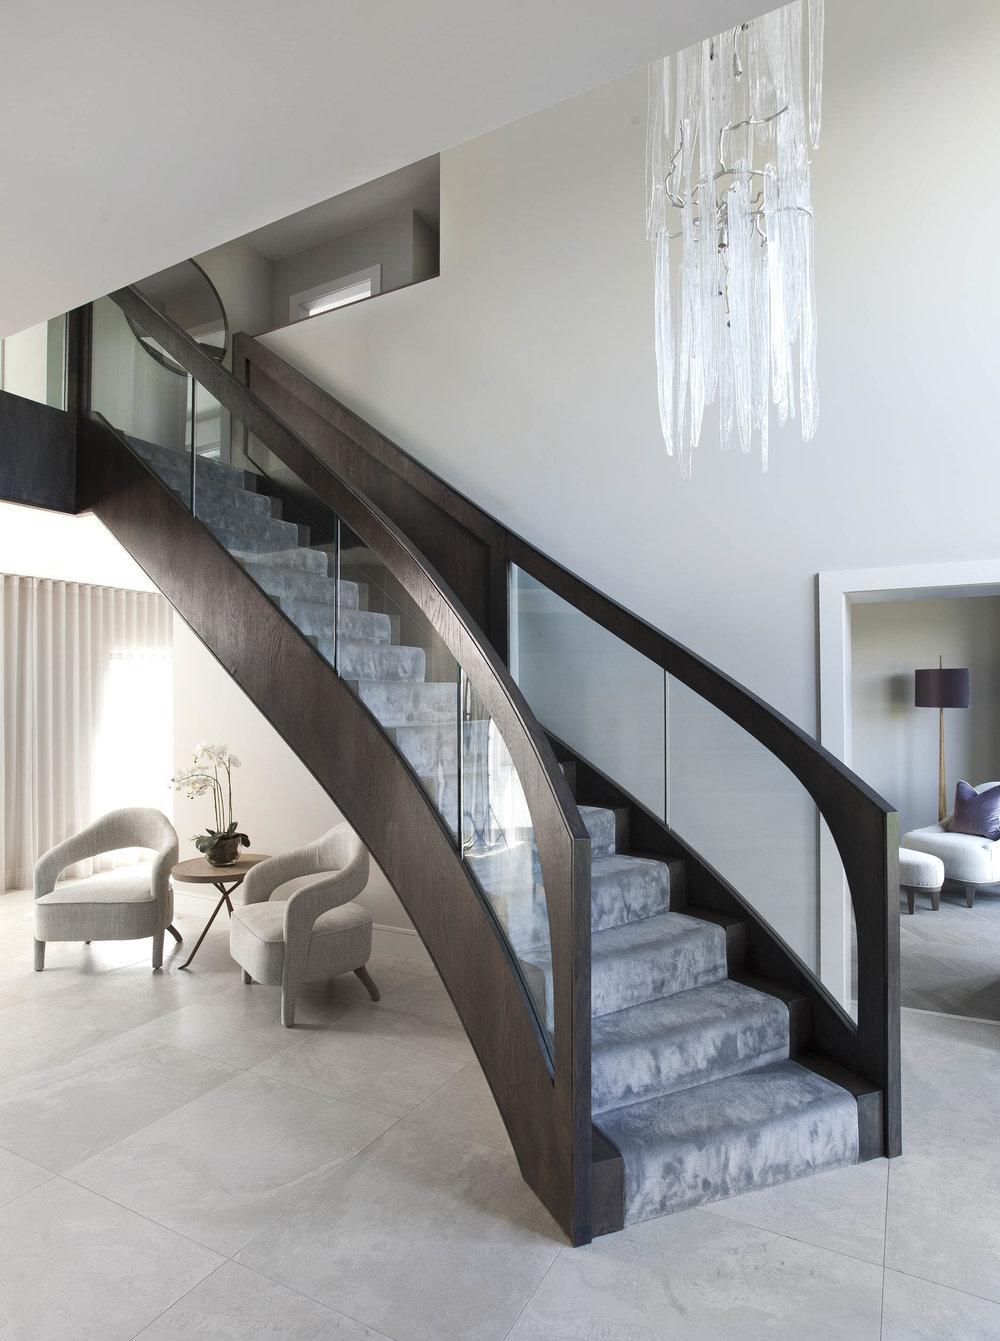 Broughshane_project_Lee_Austin_Design_Interior_Design (2).jpg